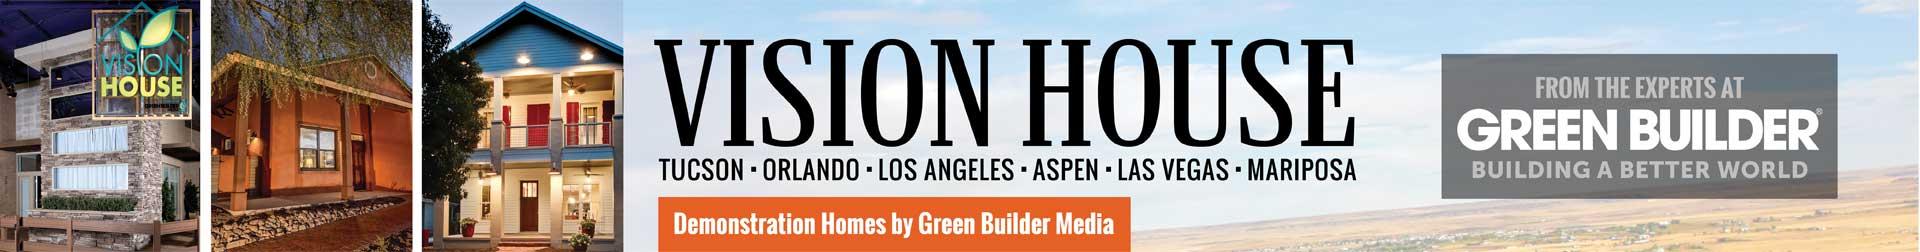 greenbuildervisionhousebanner.jpg